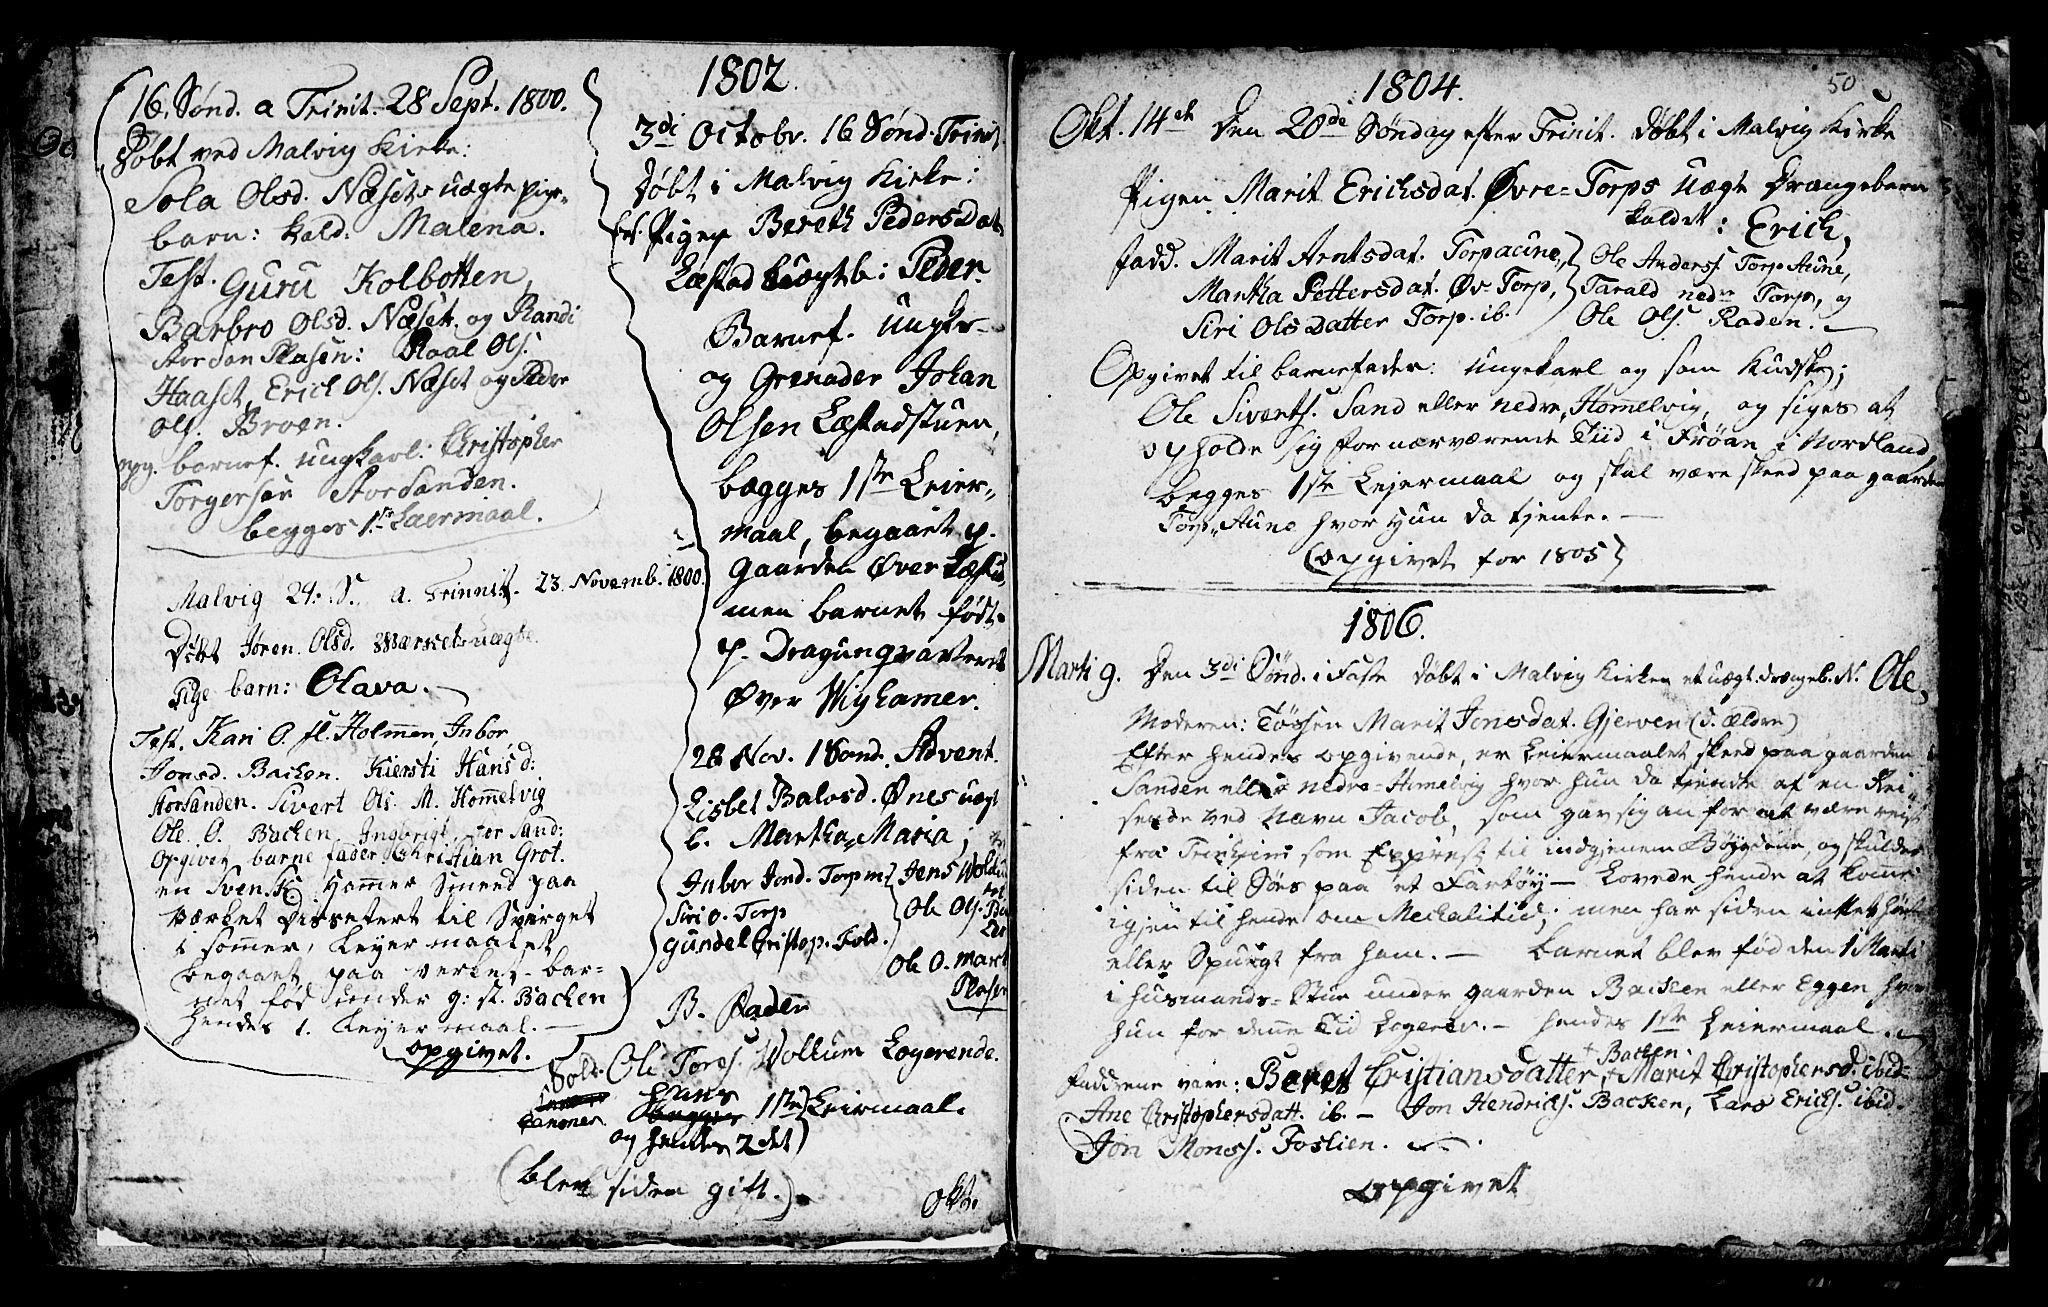 SAT, Ministerialprotokoller, klokkerbøker og fødselsregistre - Sør-Trøndelag, 616/L0419: Klokkerbok nr. 616C02, 1797-1816, s. 50